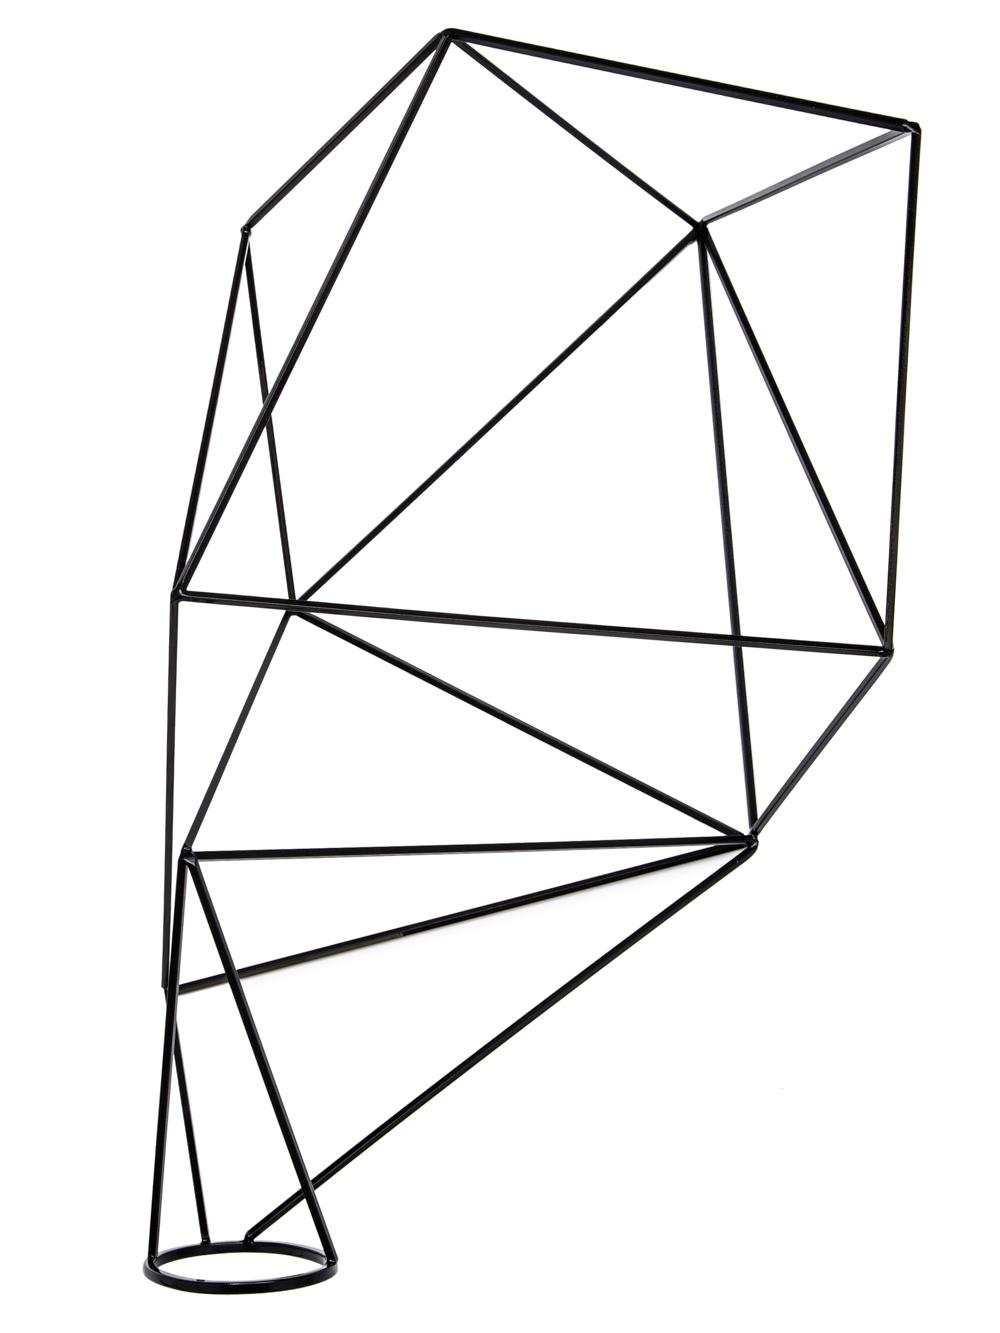 RO19S6412- 09 image